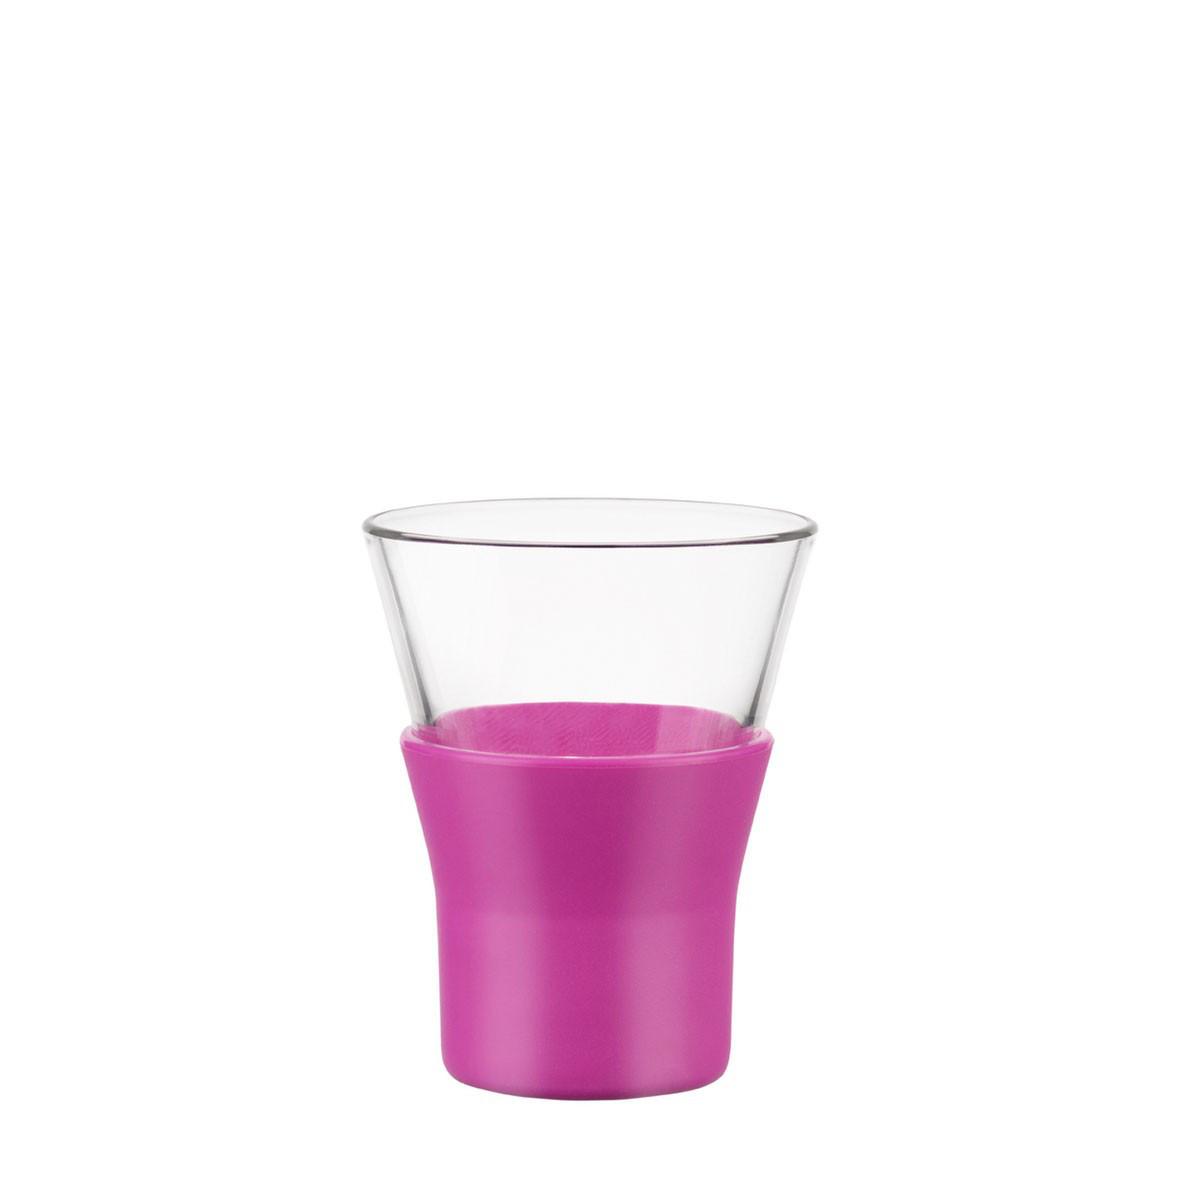 Стакан для кофе 110 мл. стеклянный с силиконовым розовым чехлом espresso Ypsilon, Bormiolli Rocco